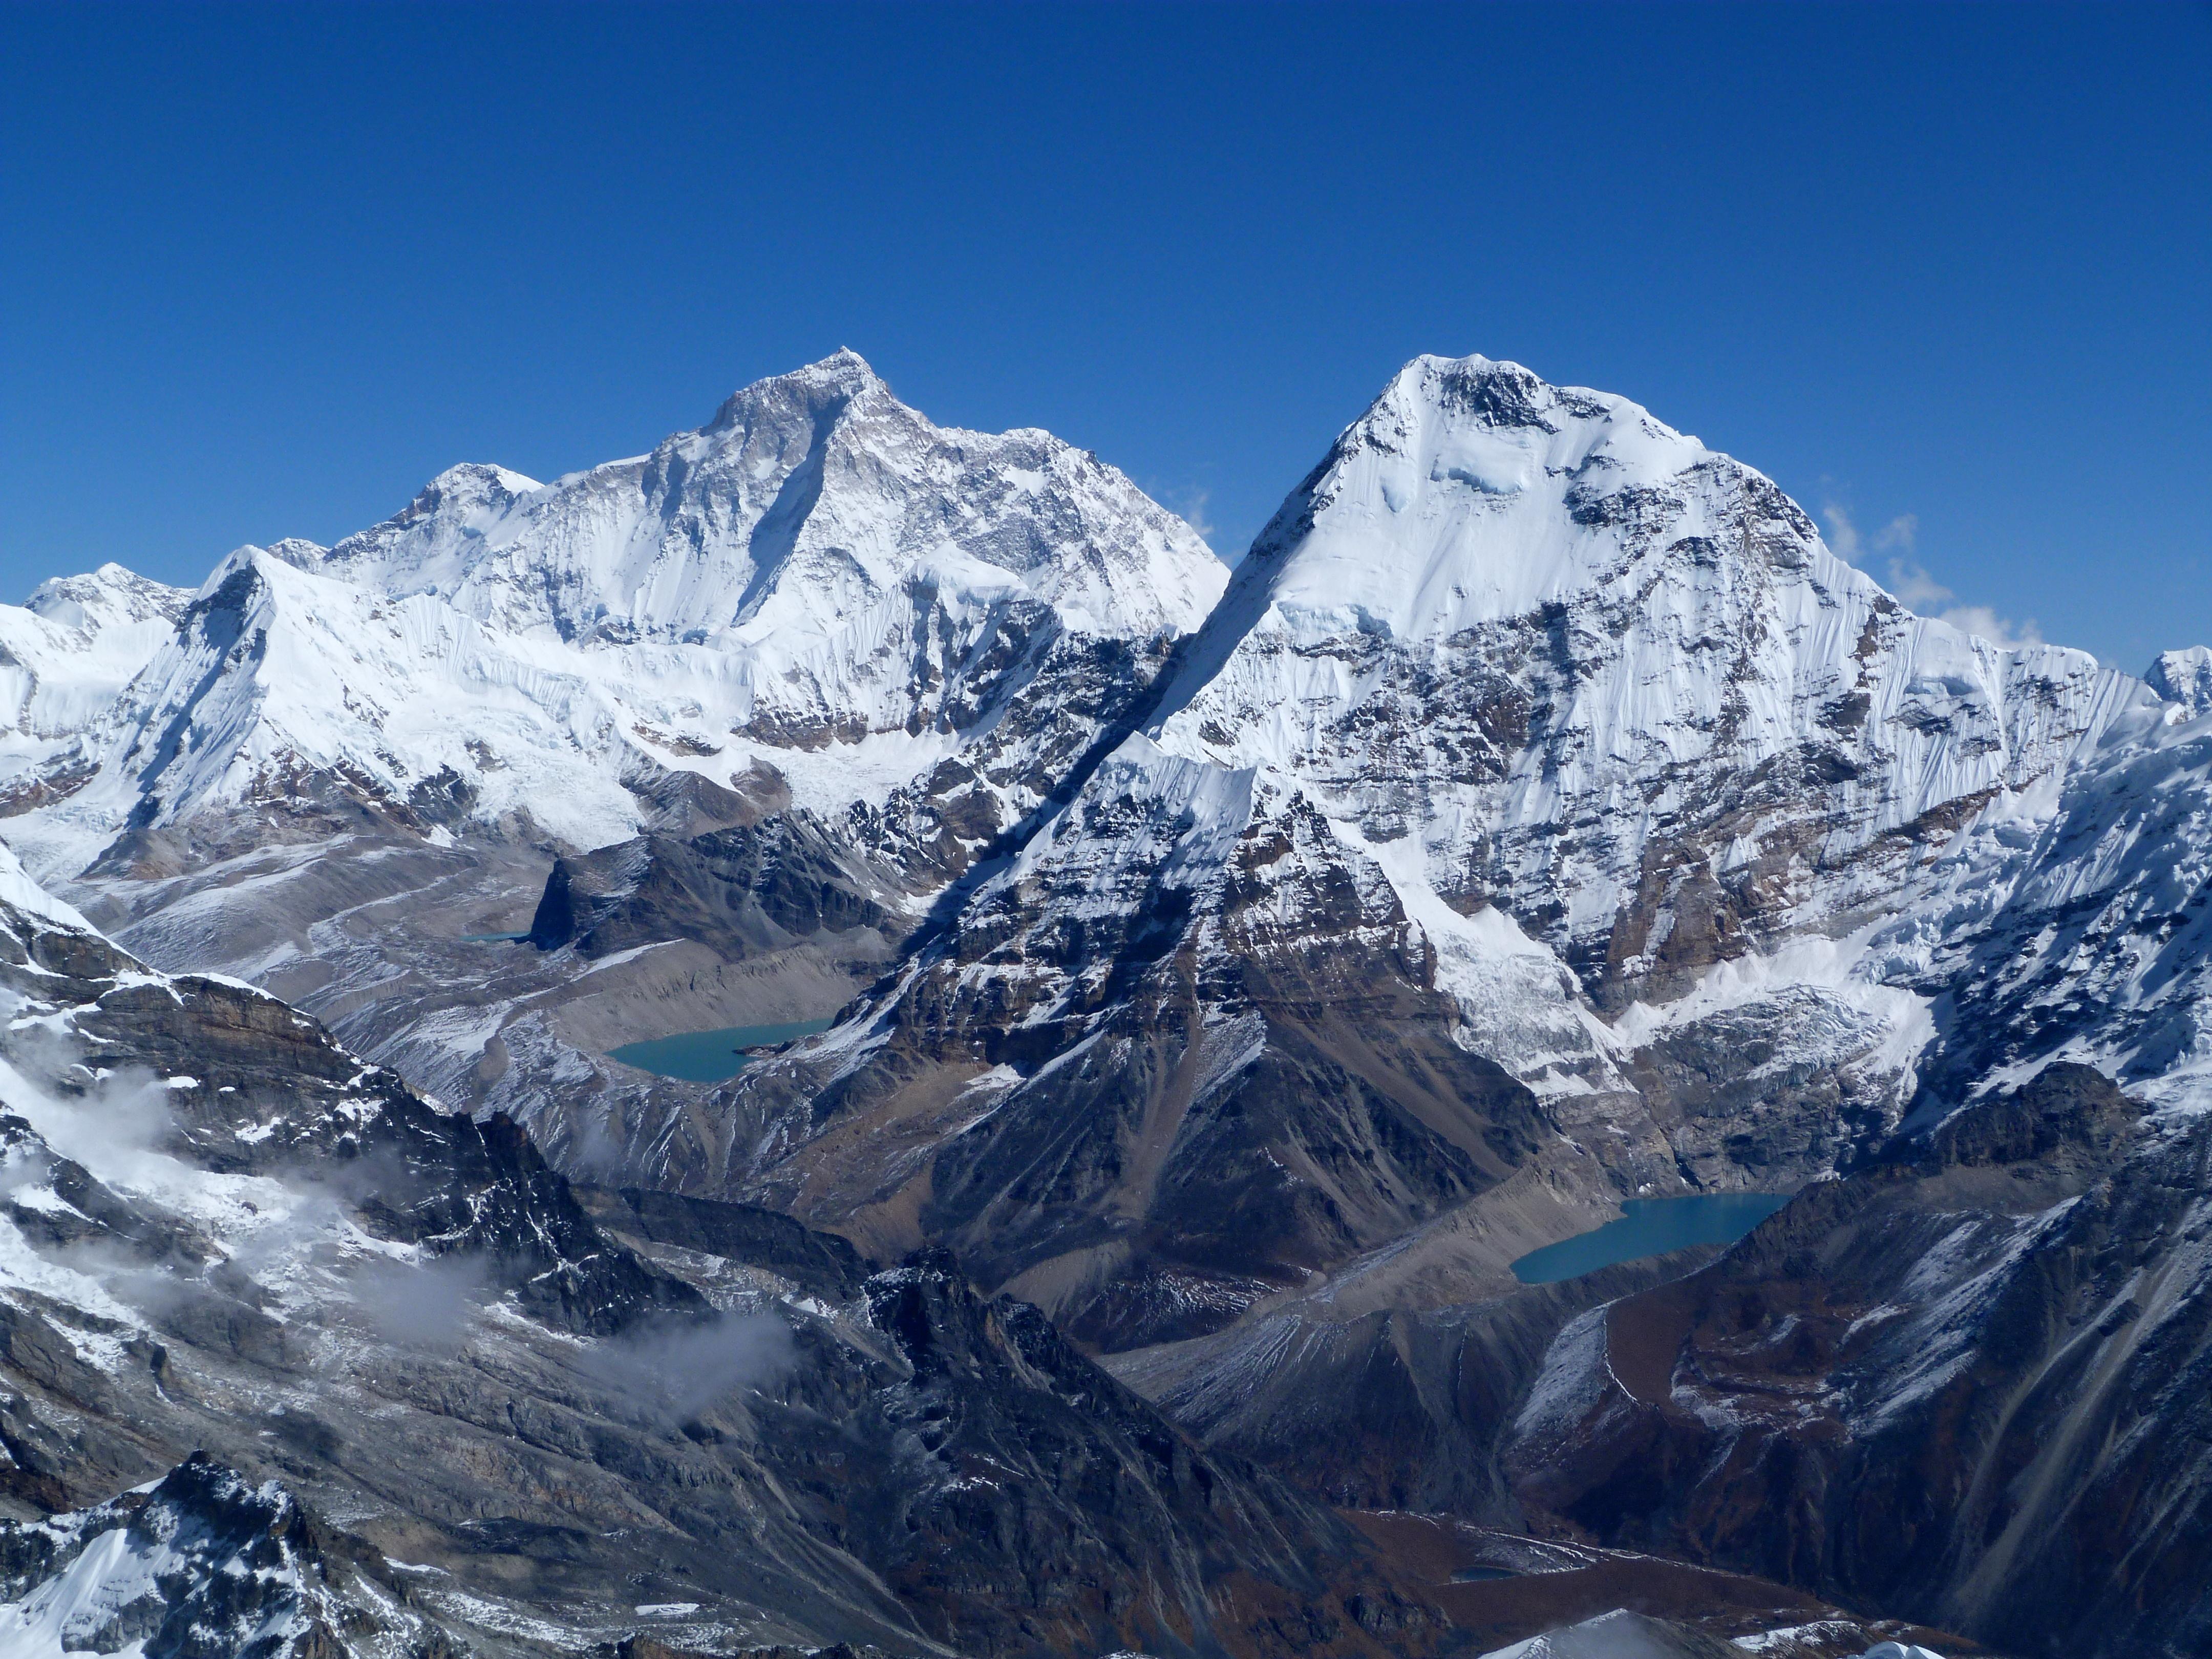 Макалу и Эверест — самые известные горные вершины